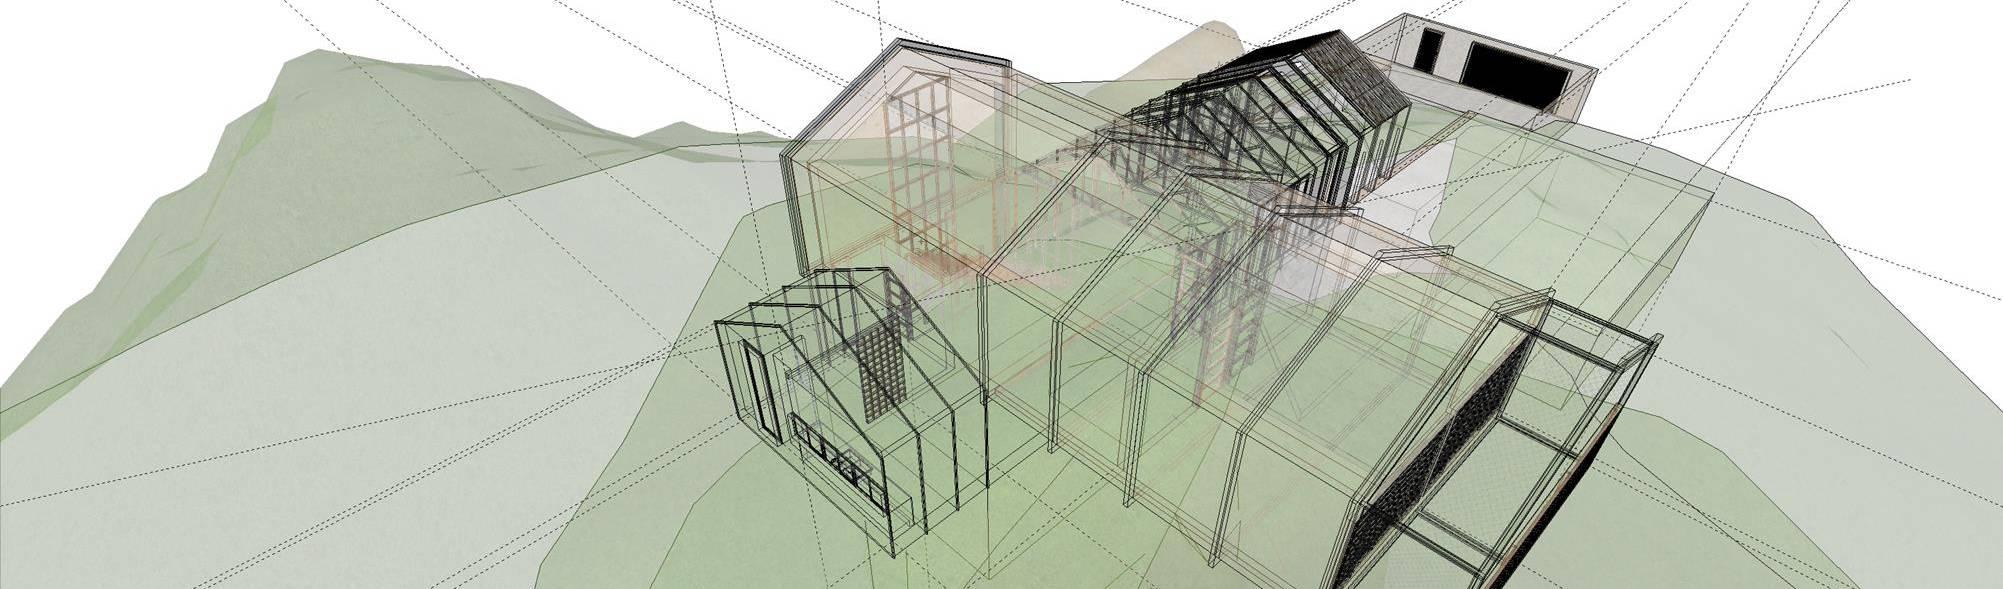 Design4Up